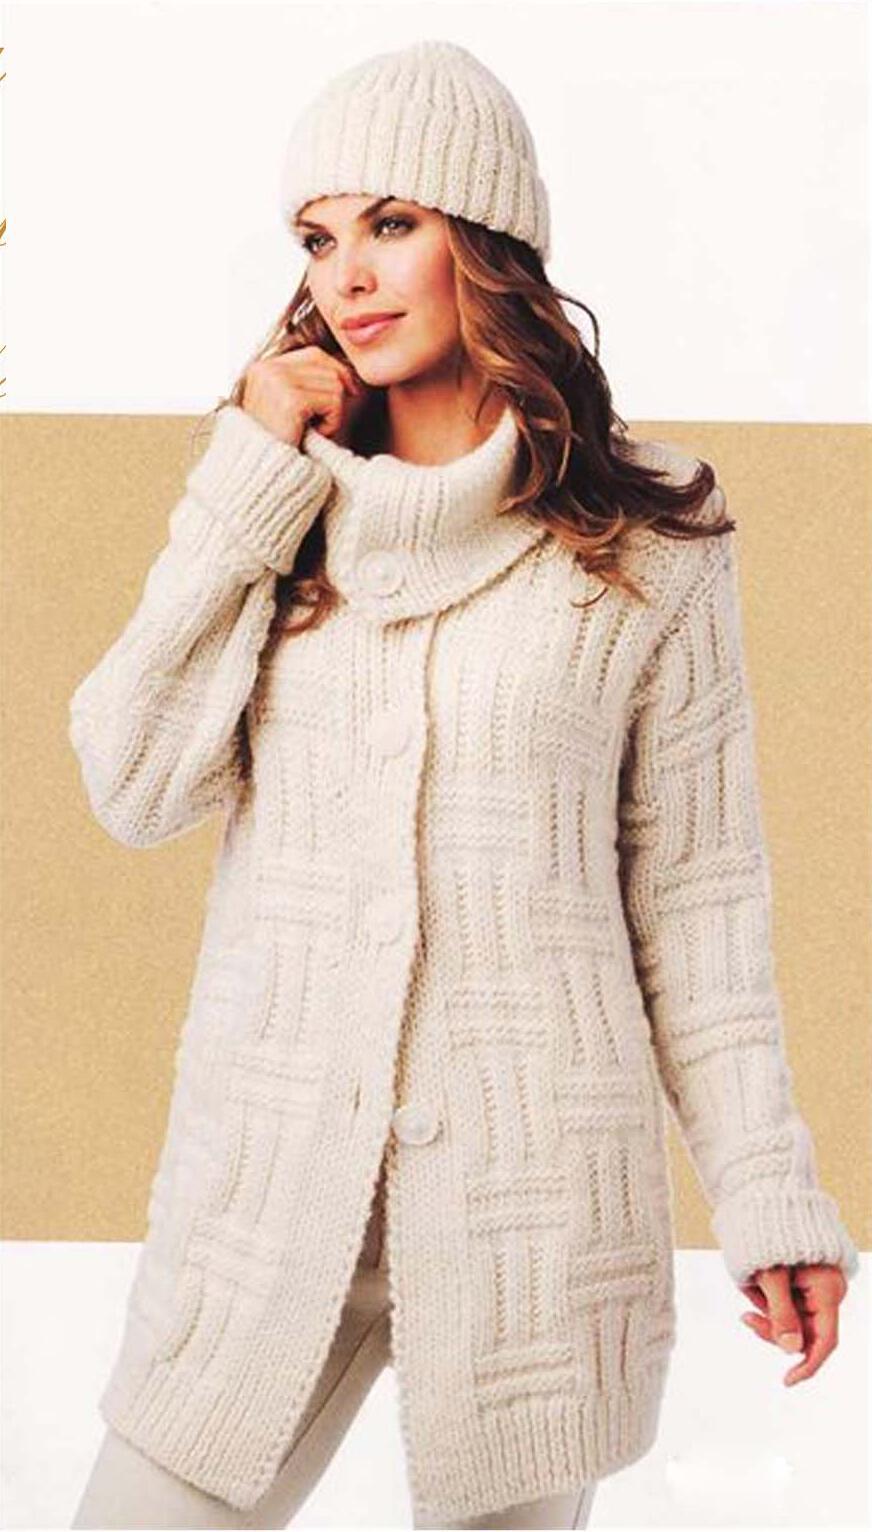 Пальто » Вязание спицами и крючком 91